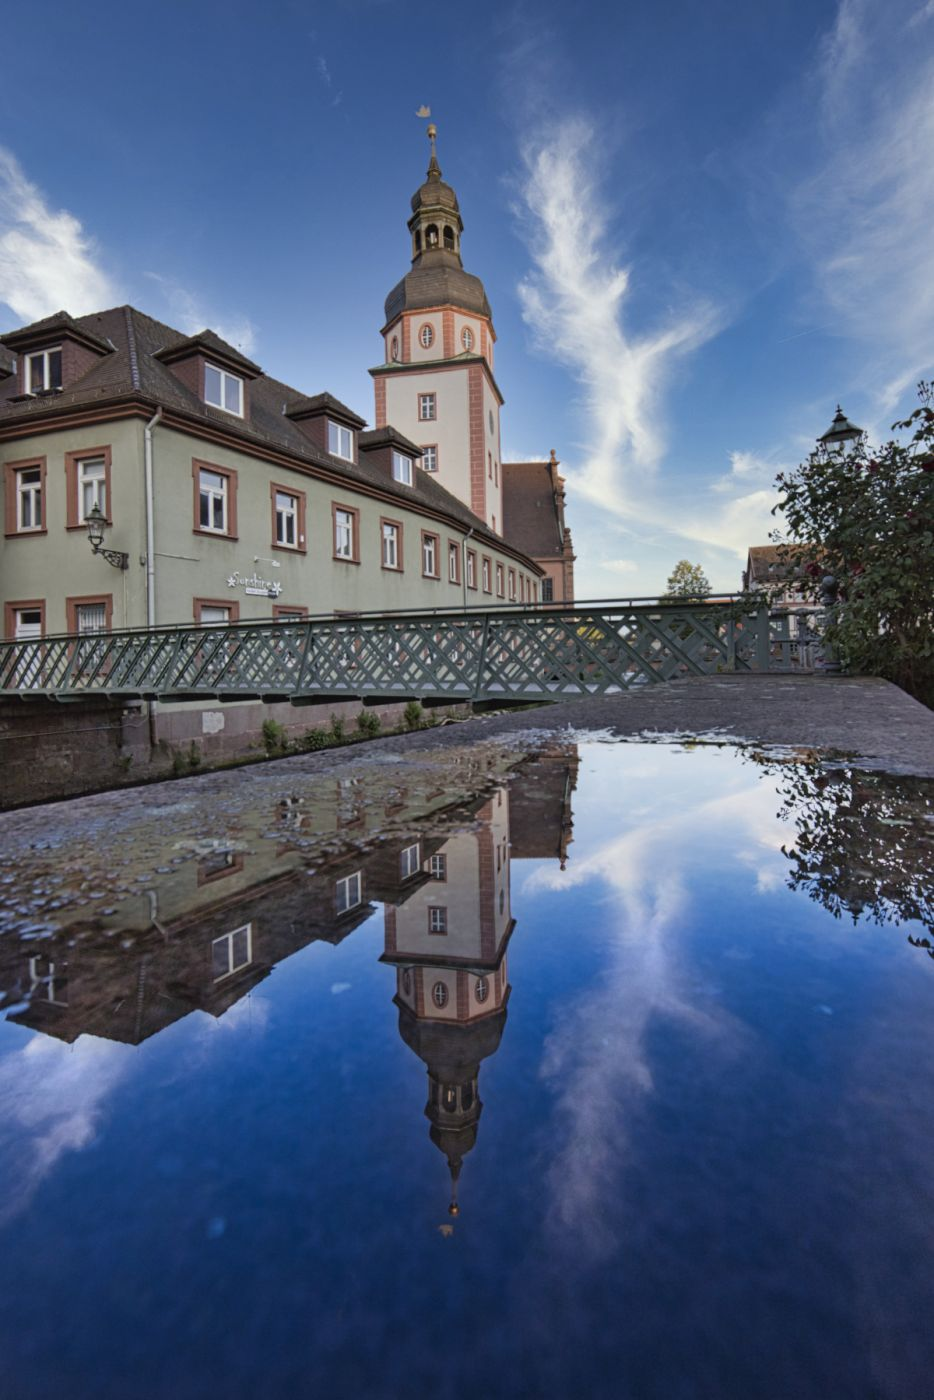 Ettlingen, Germany